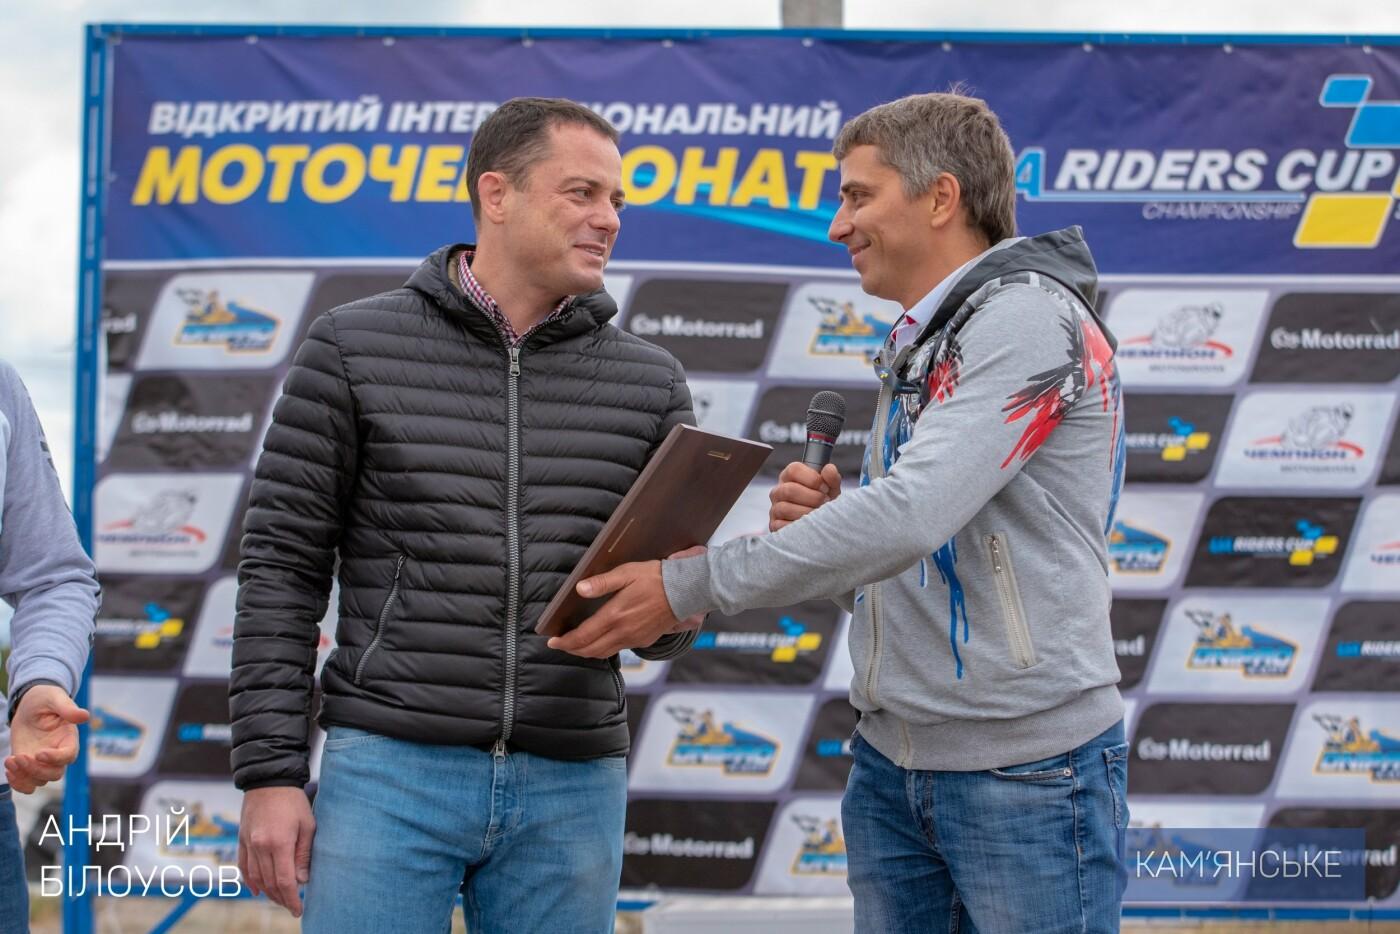 В Каменском прошел финал чемпионата по шоссейно-кольцевым гонкам - UA Riders CUP, фото-9